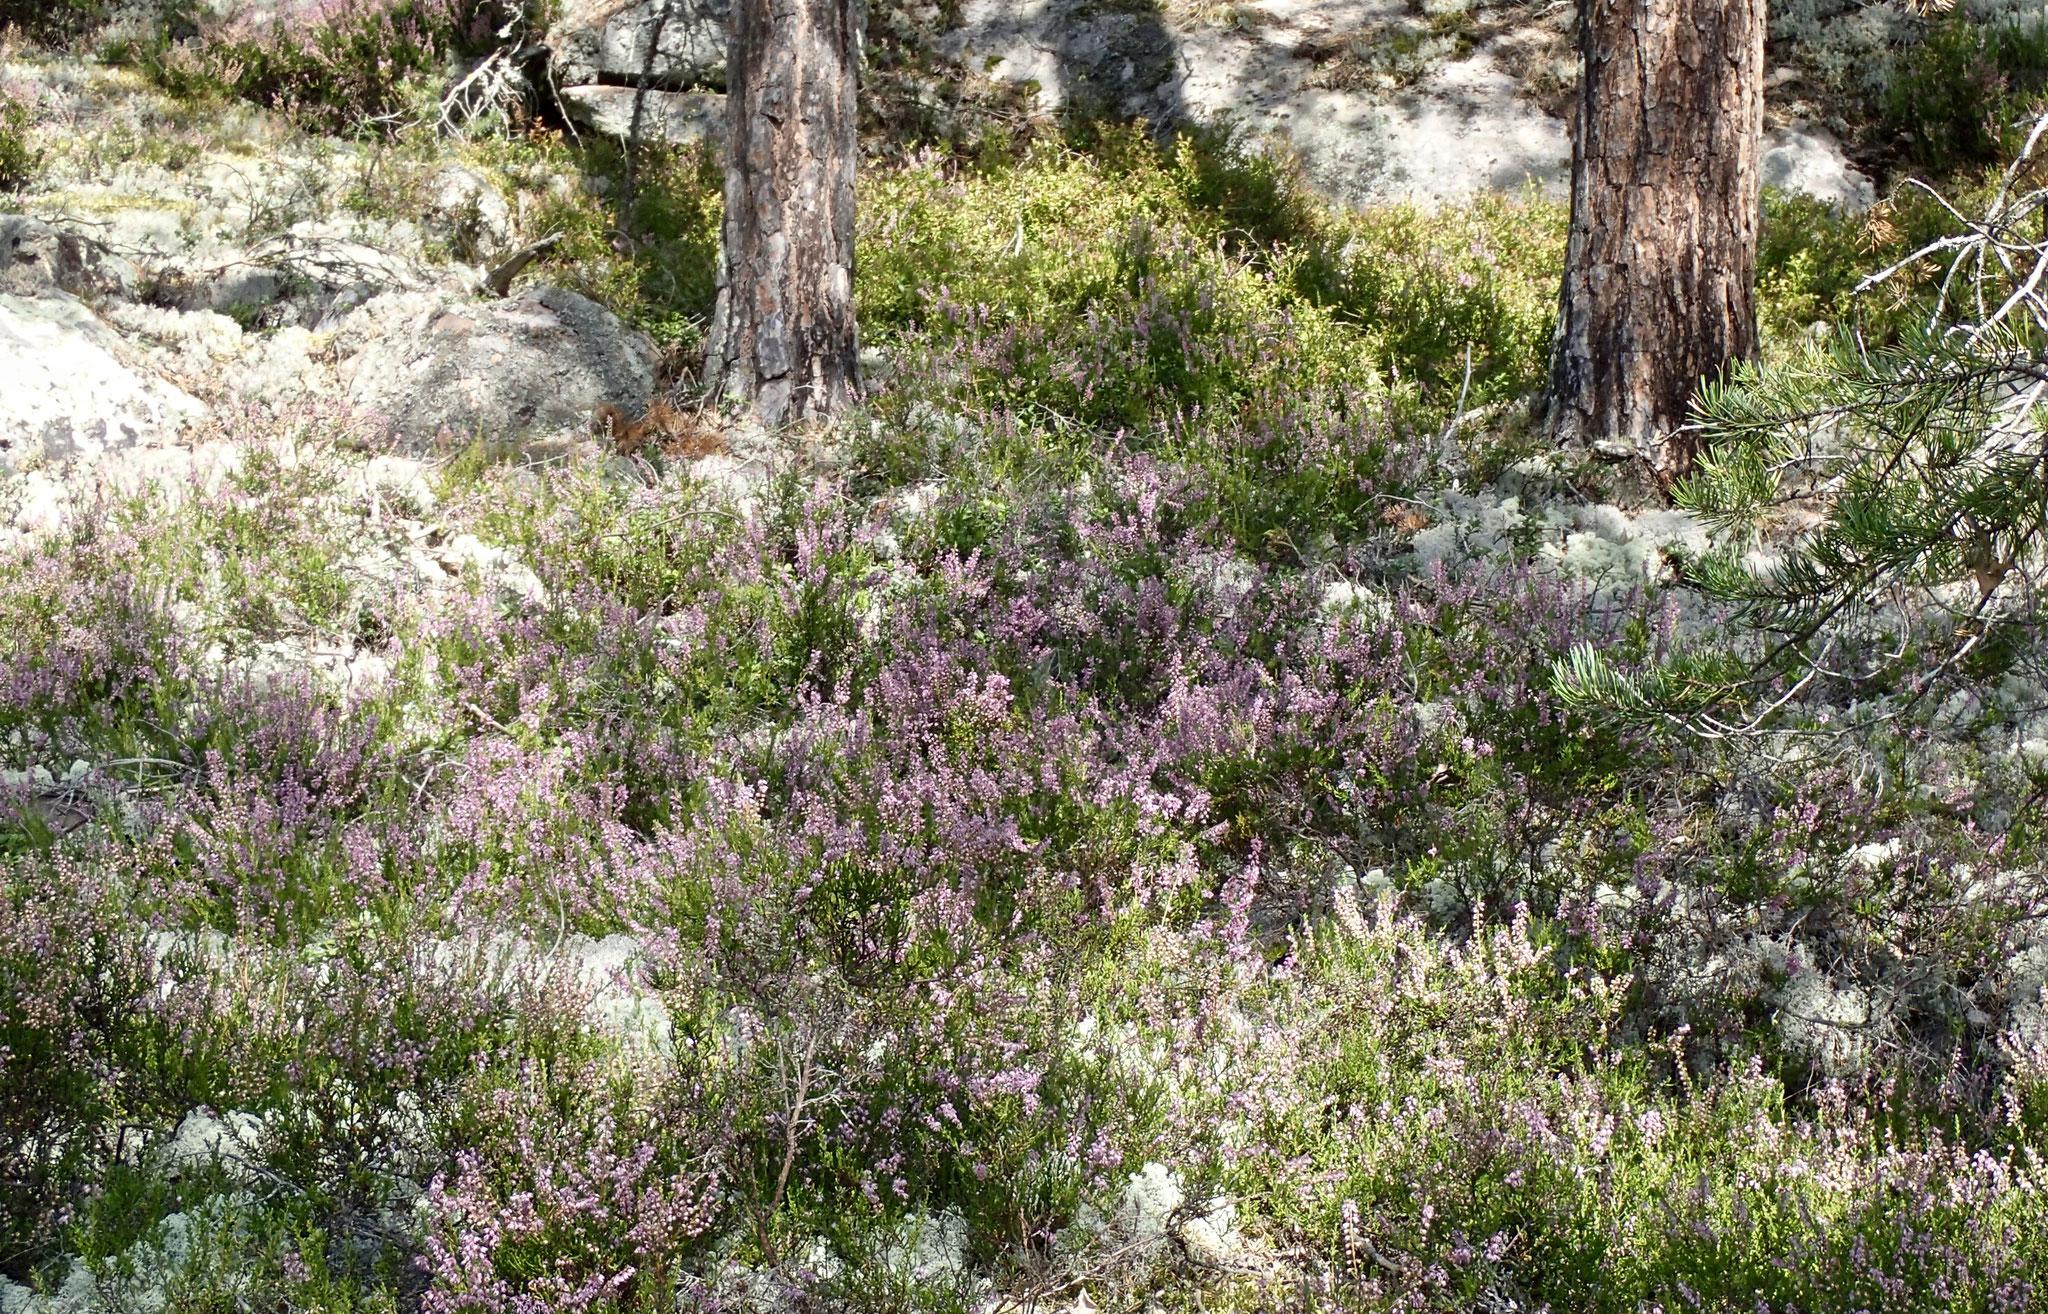 Heideblüte mit Moos und Beeren